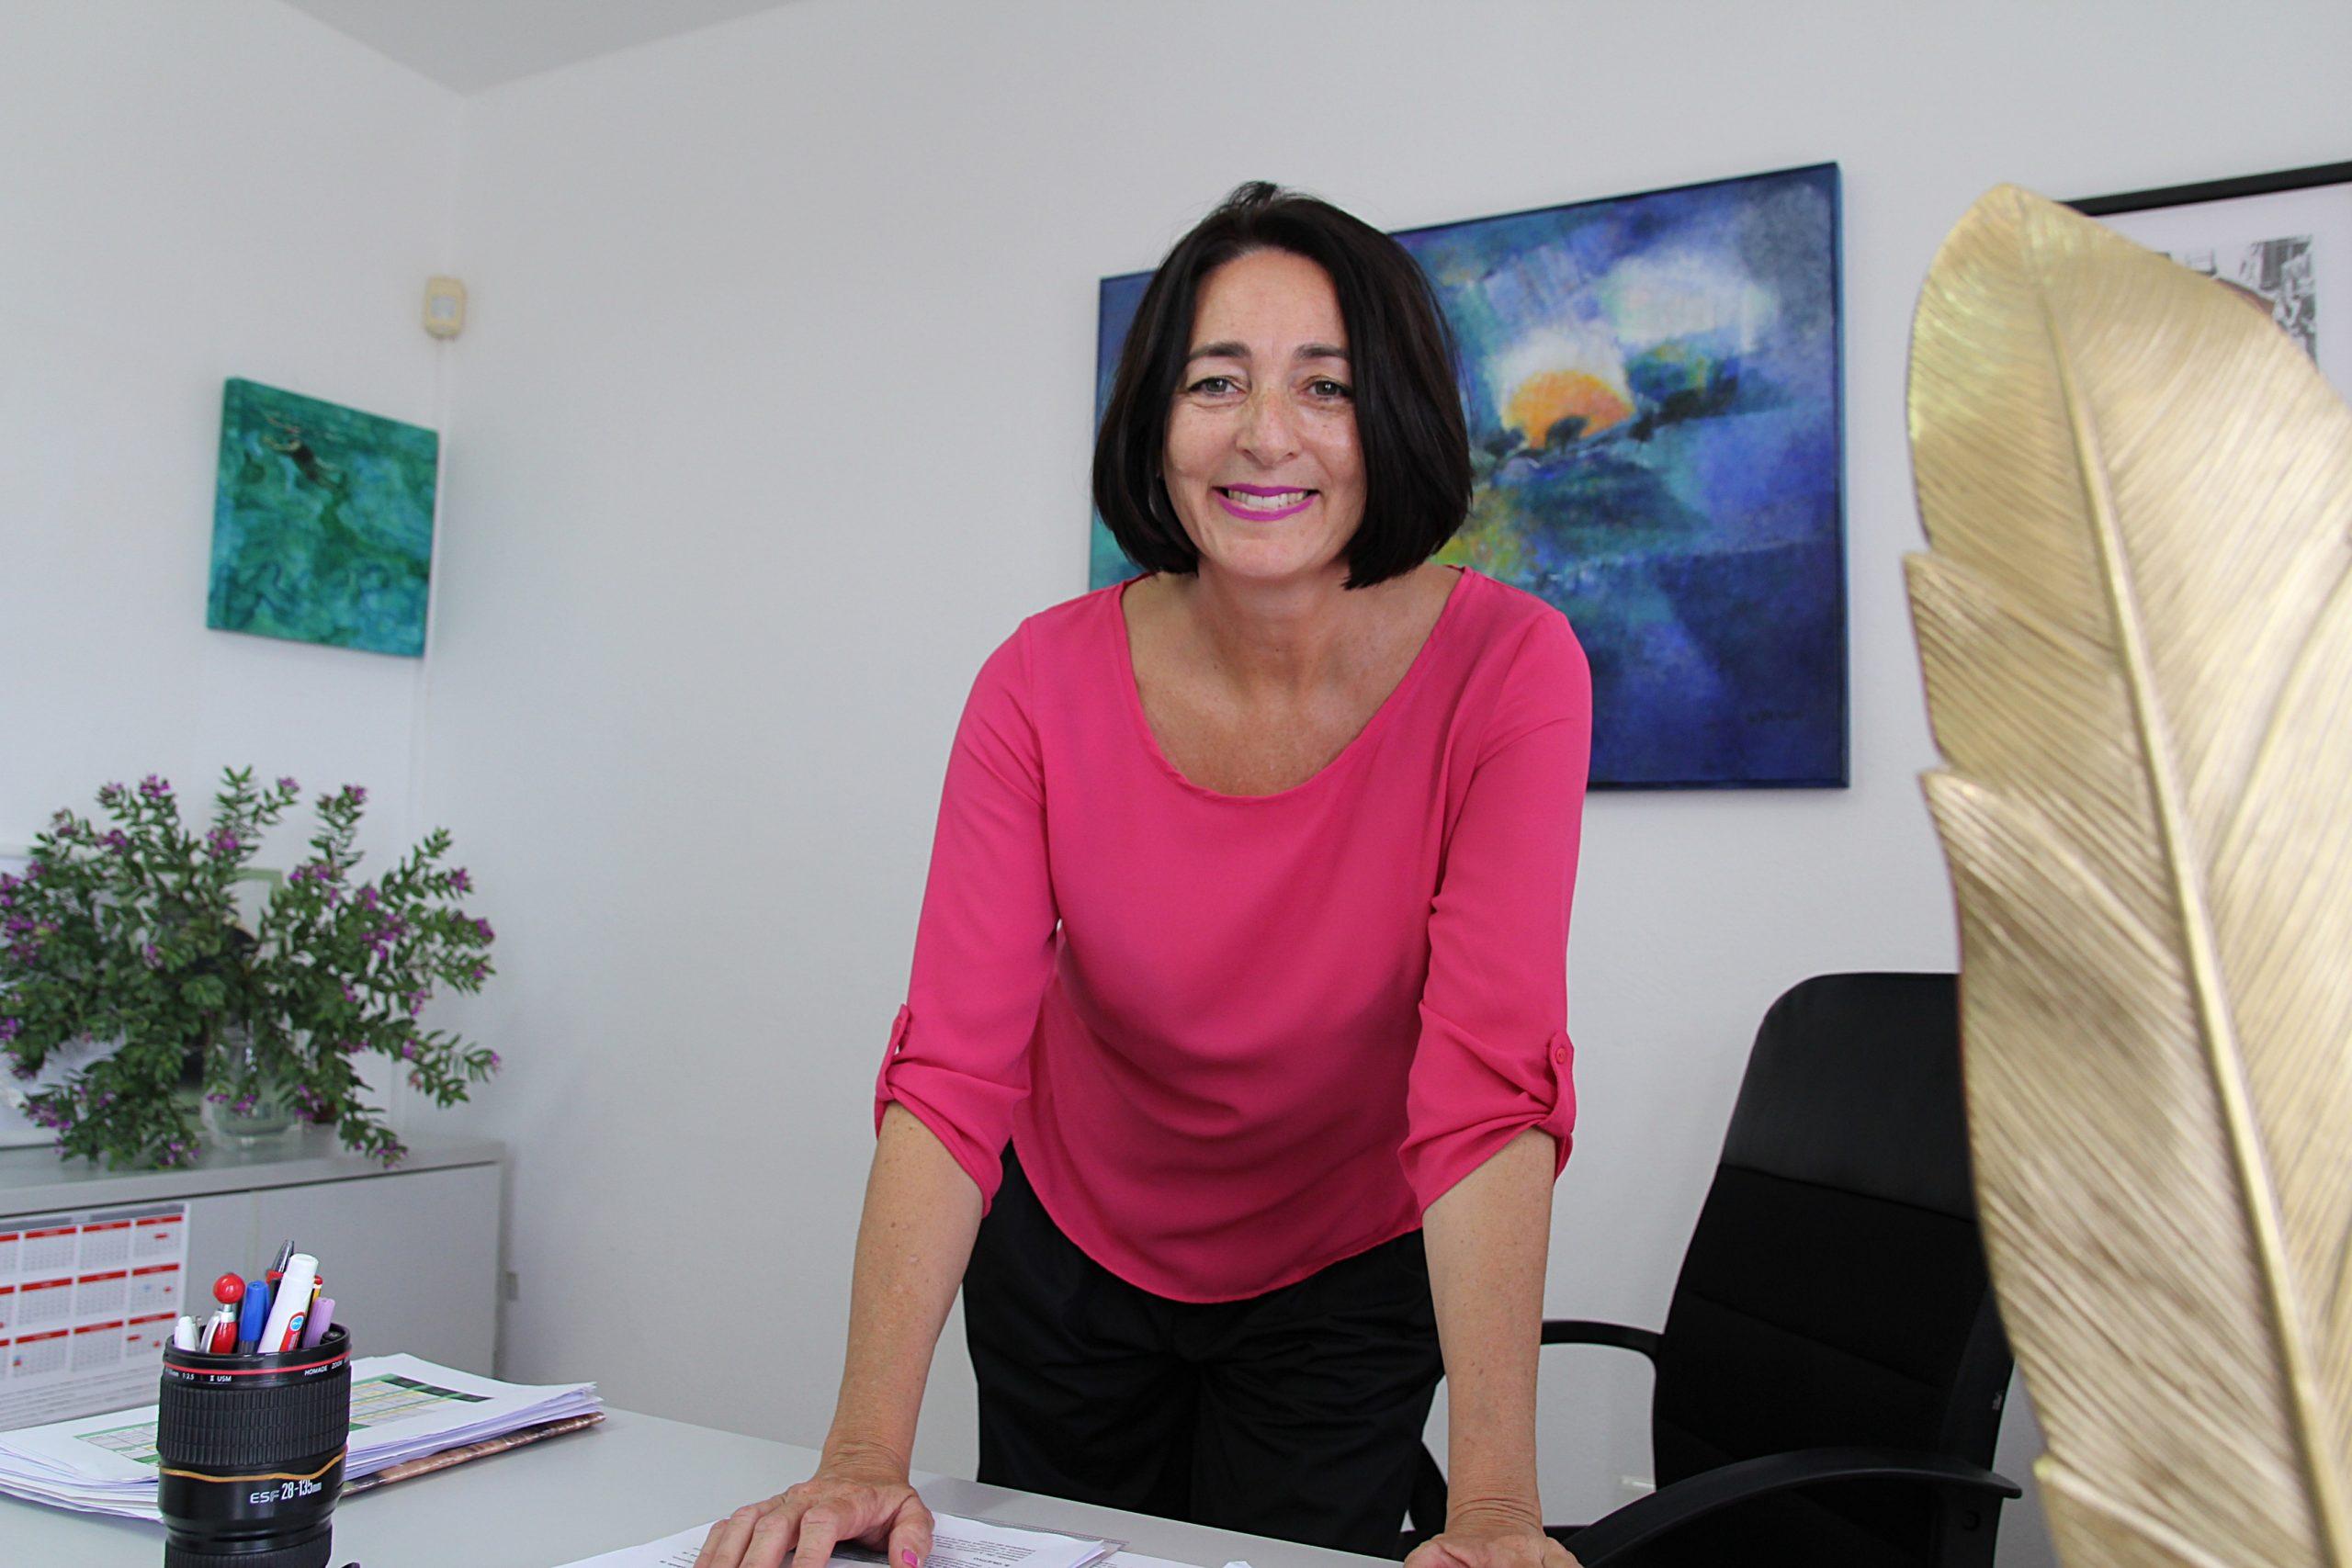 Tías colabora en la publicación del libro Las lenguas cortadas, de Cirilo Leal